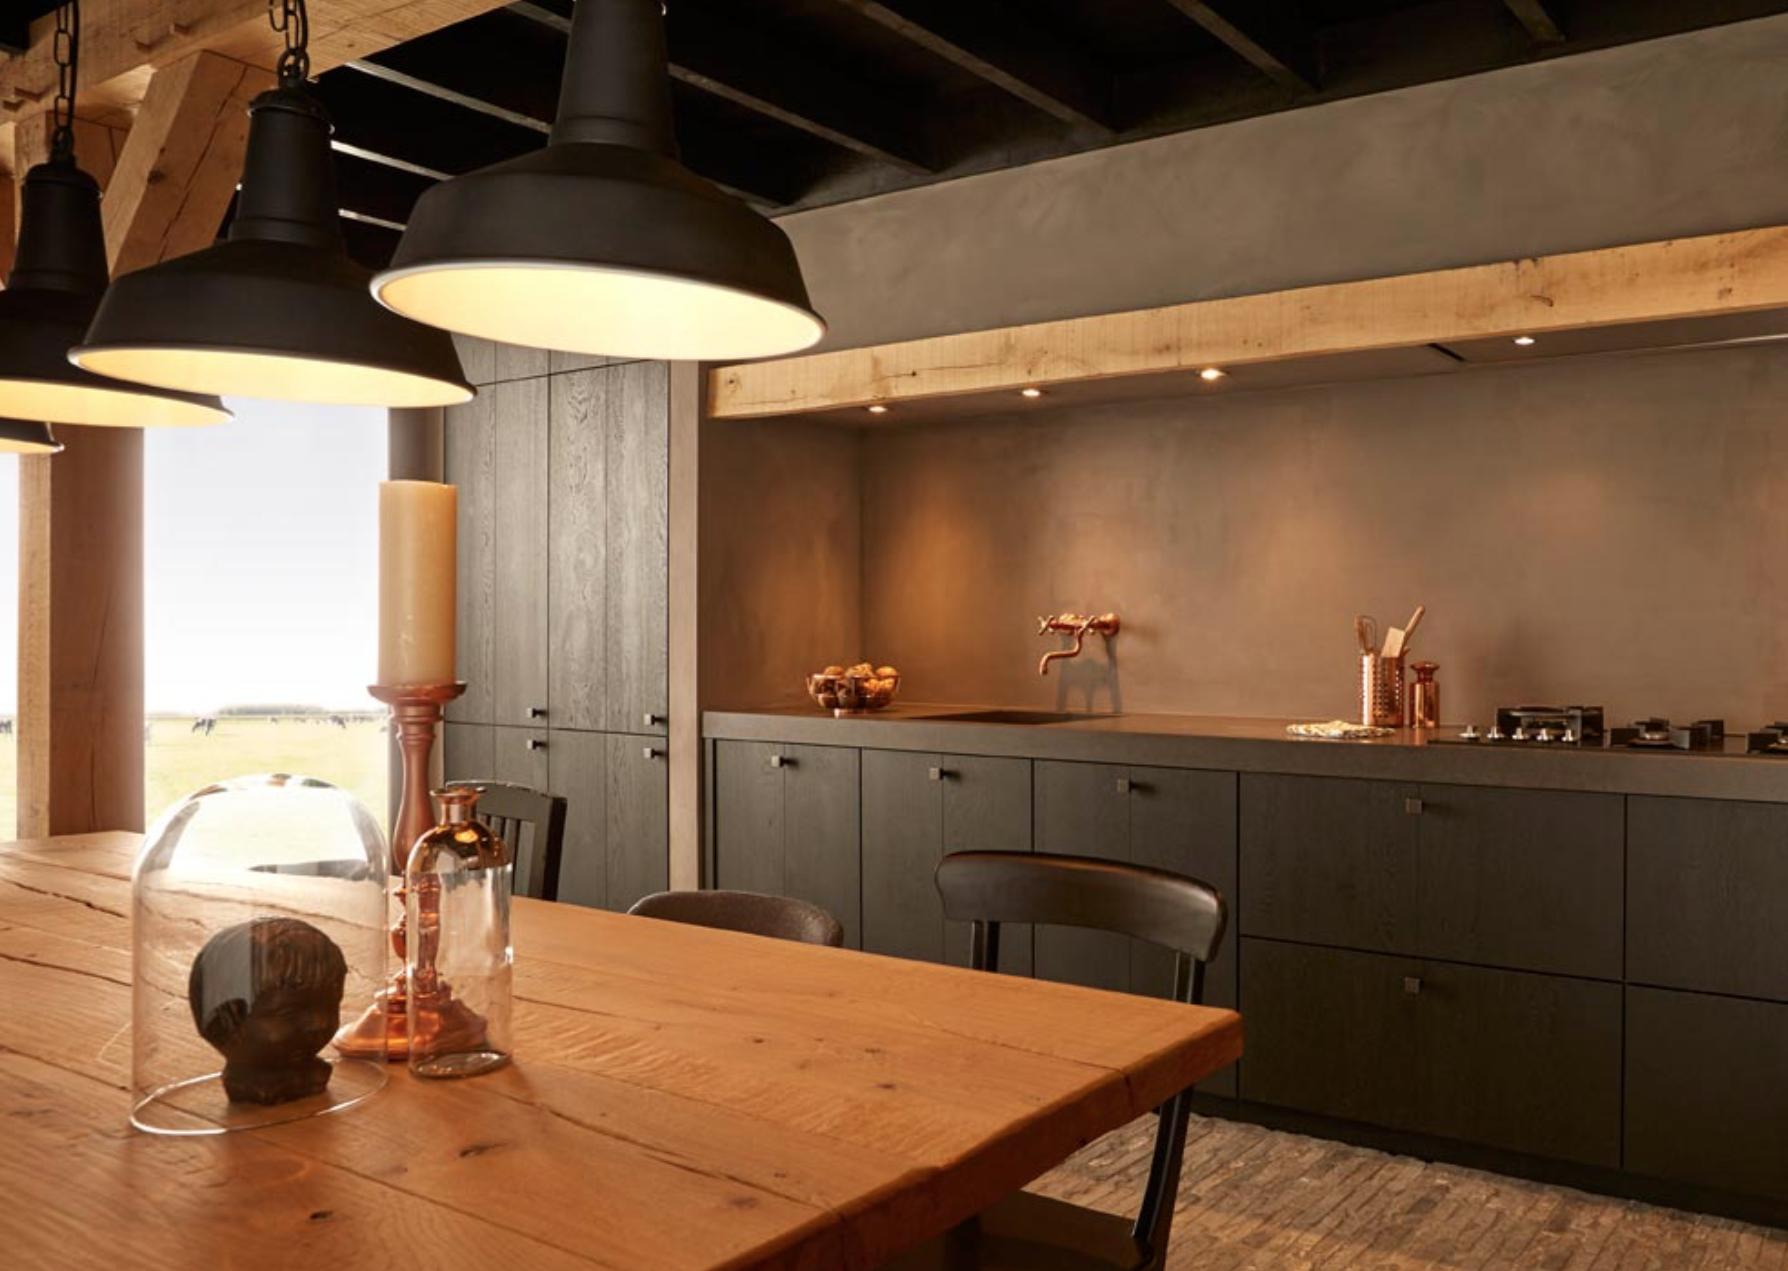 De details in deze zwarte keuken geven het geheel een bijzondere